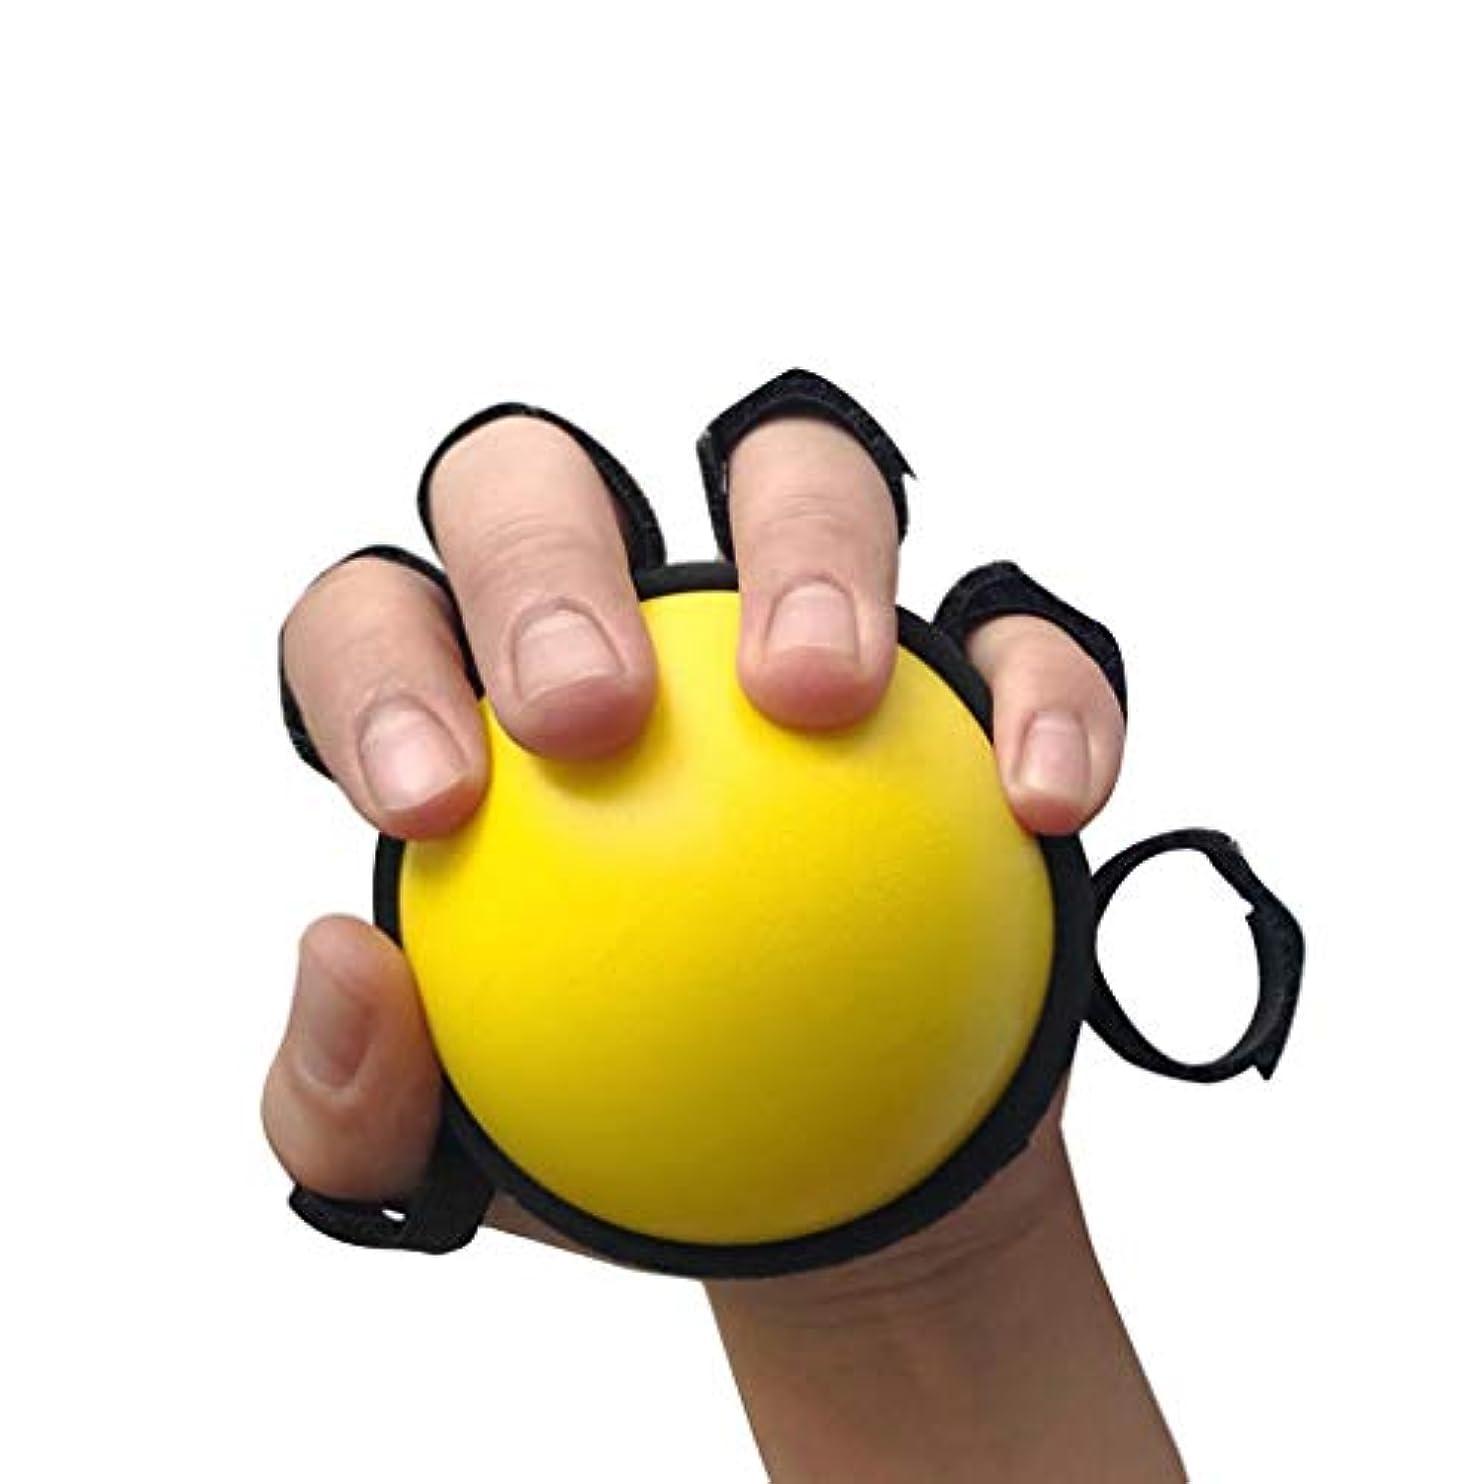 ぼろ言い換えると不条理ストロークを軽減するために、5本指の分離グリップボールリハビリトレーニング、指が自分自身を分離することはできません手にハイ筋肉の緊張を持つ人々のために適した片麻痺、手指し機器は、緩和することができます